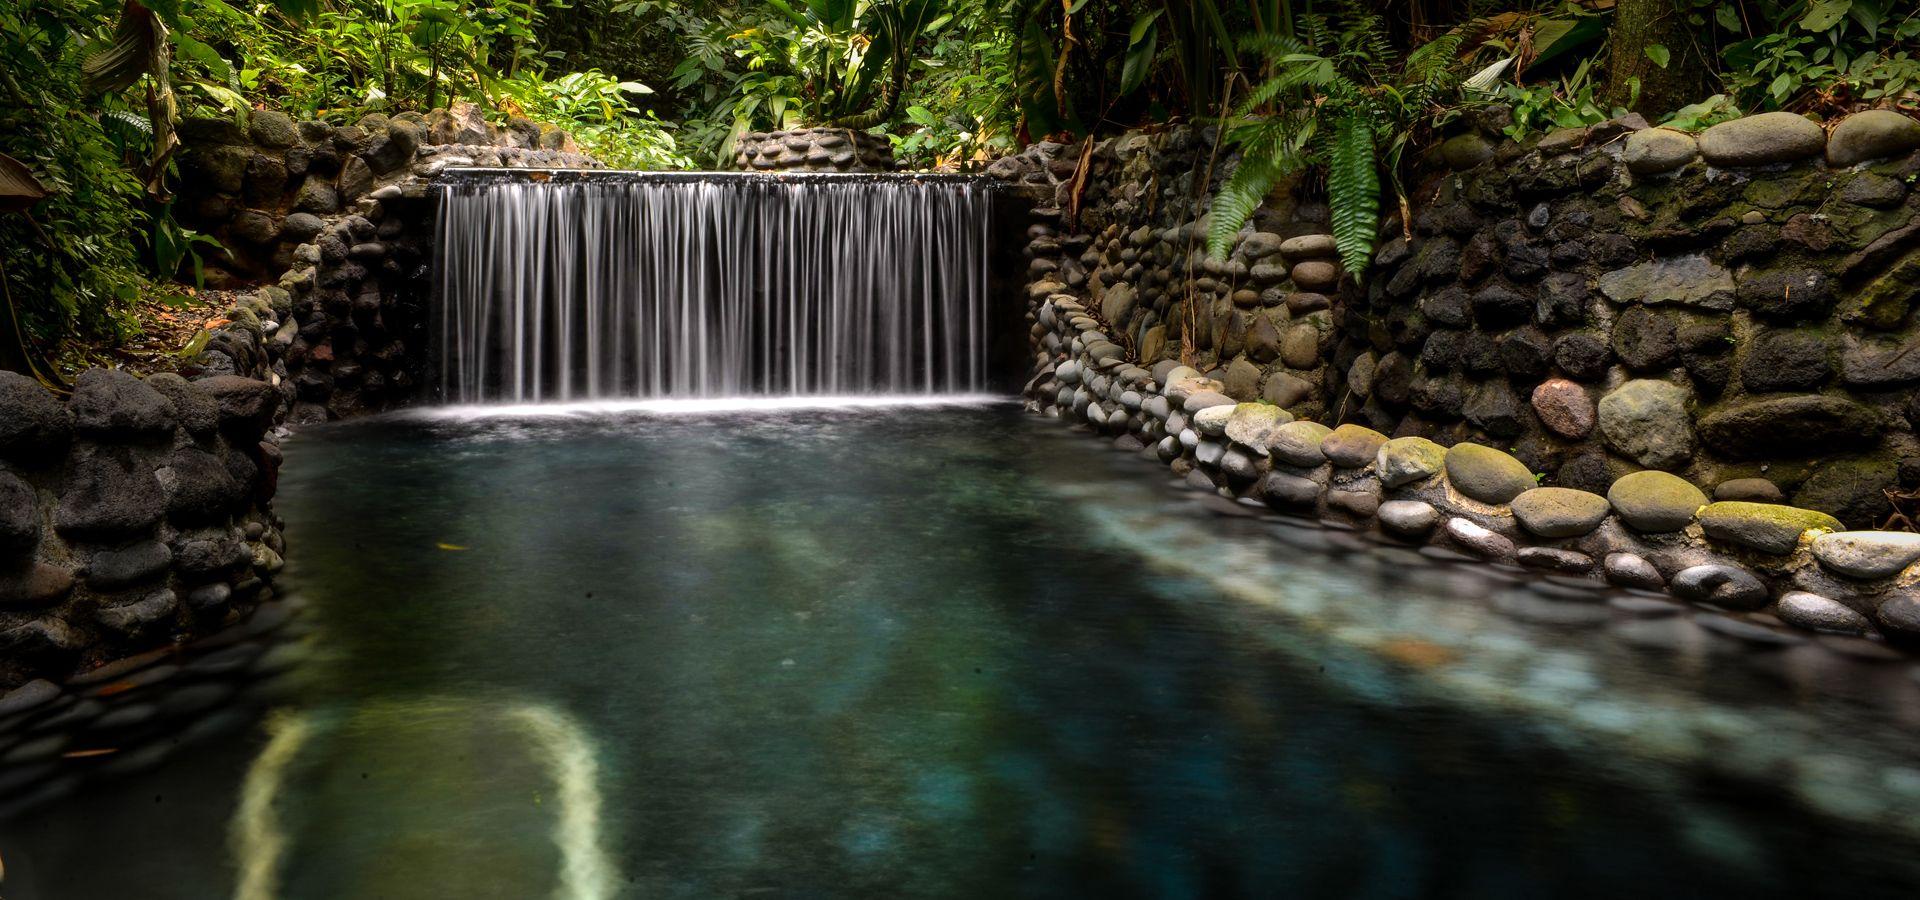 Costa Rica eco termales hotsprings waterfall.jpg